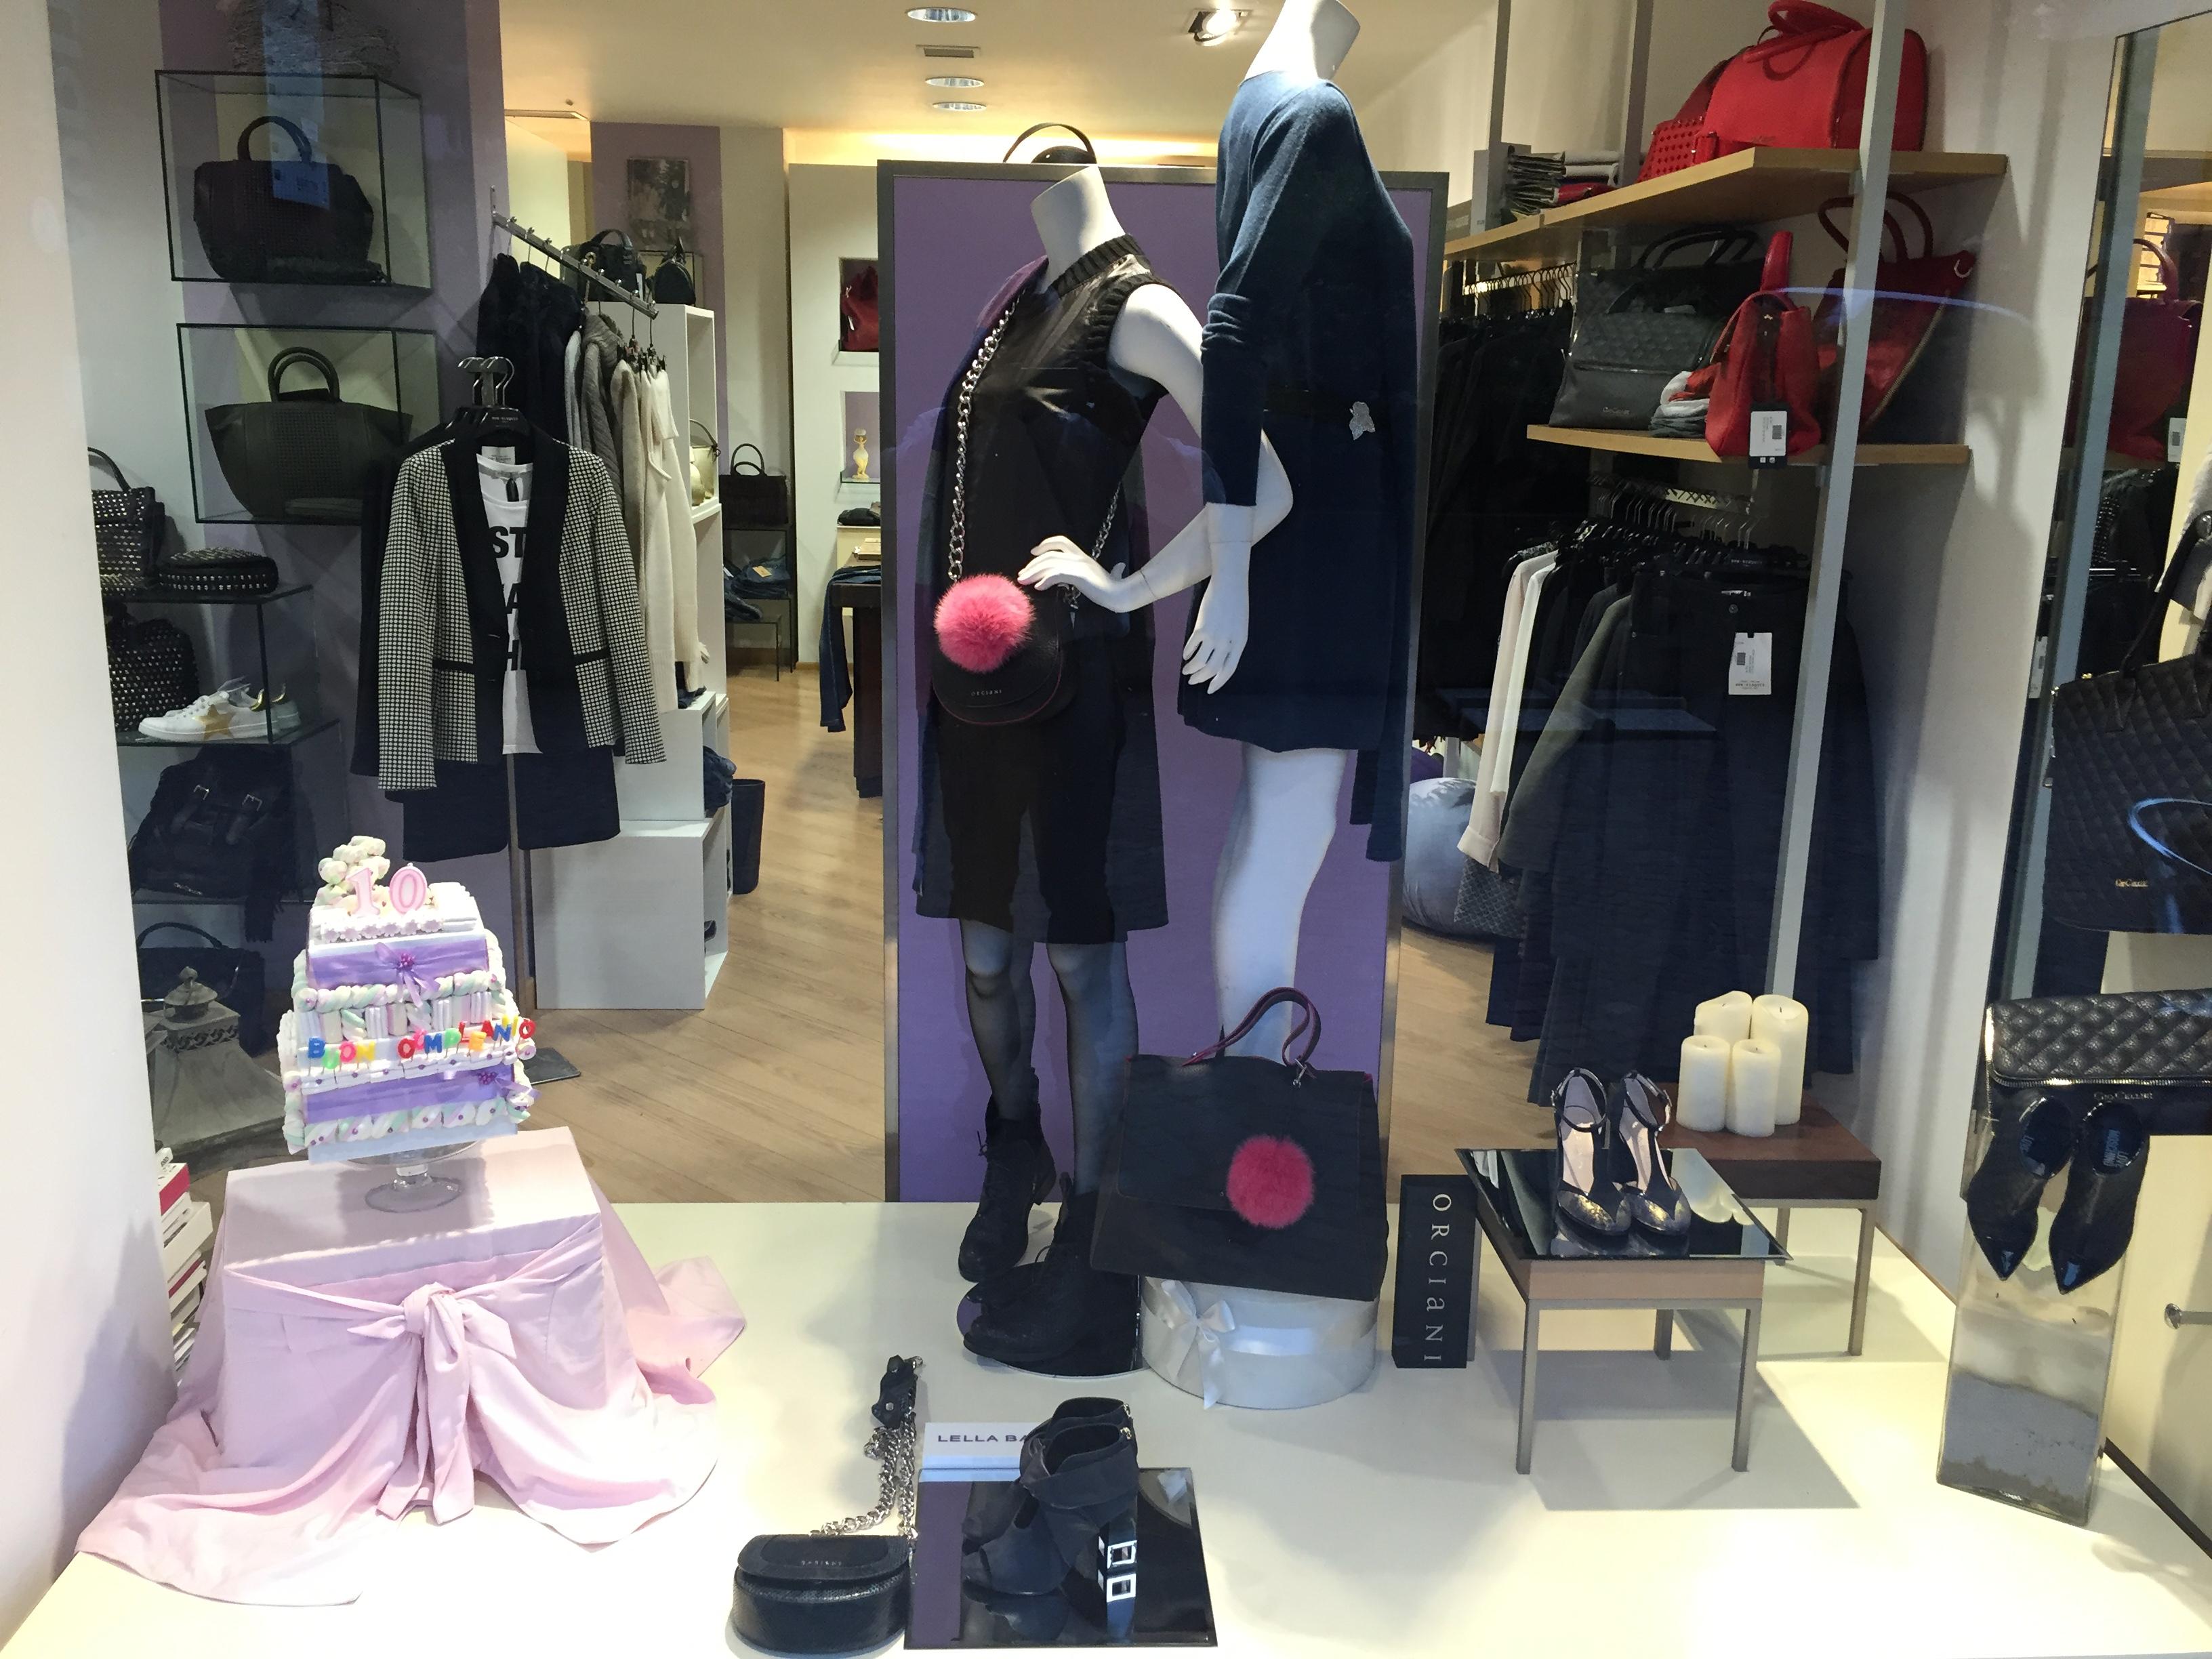 Narciso abbigliamento calzature albino negozi bergamo for Negozi di arredamento bergamo